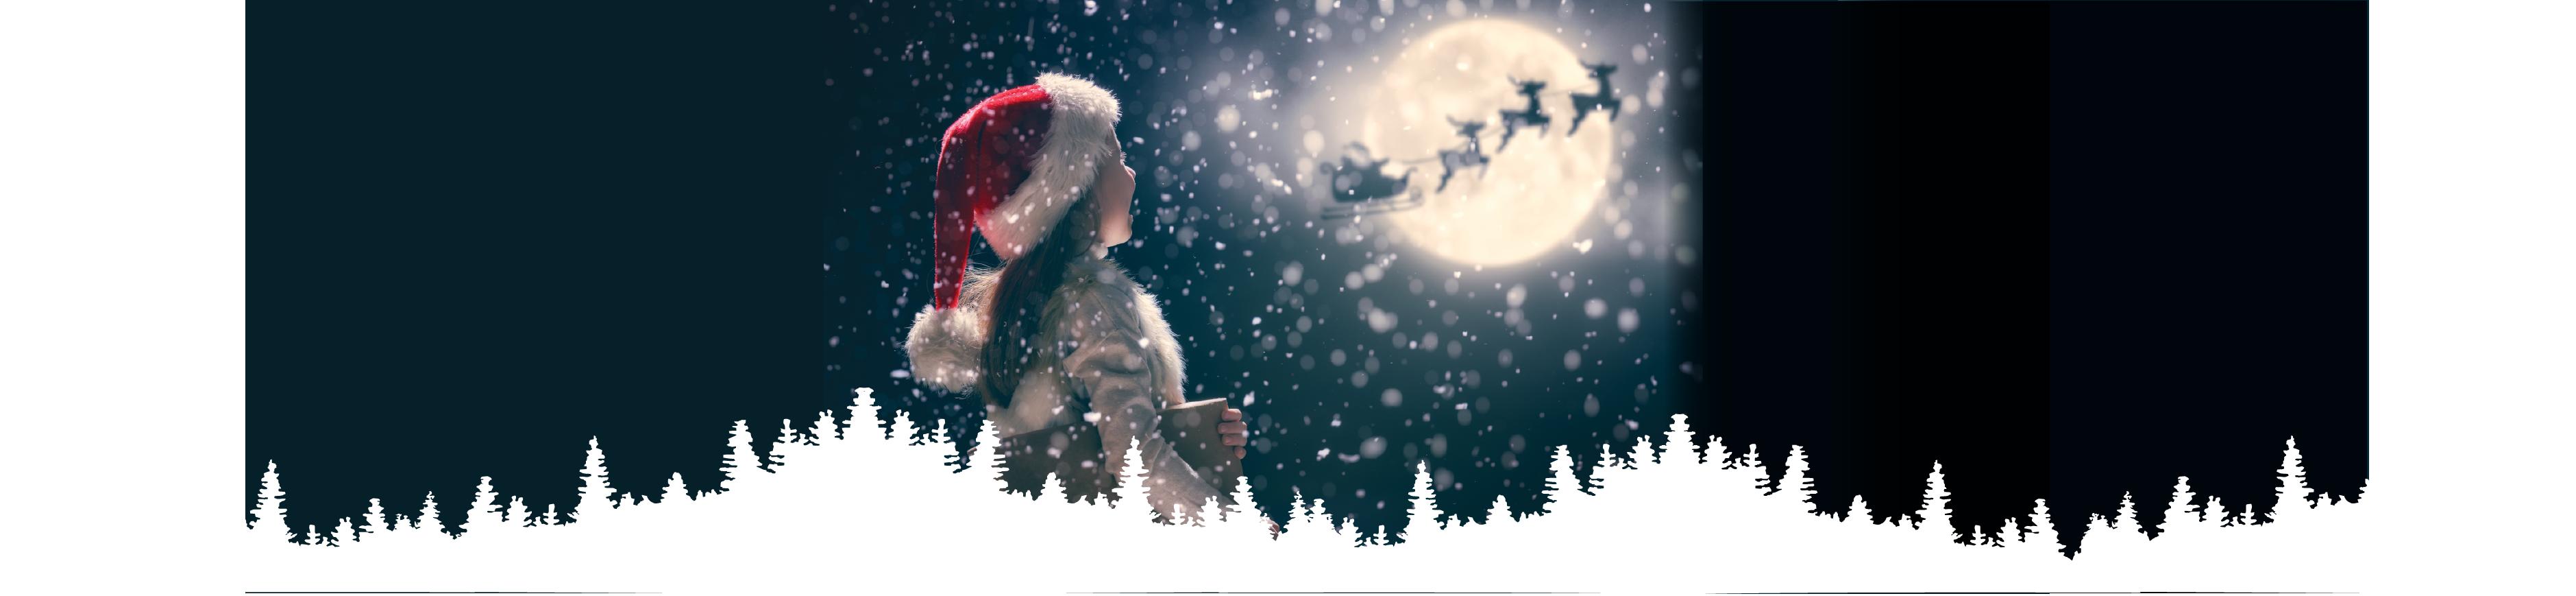 holiday2017-background